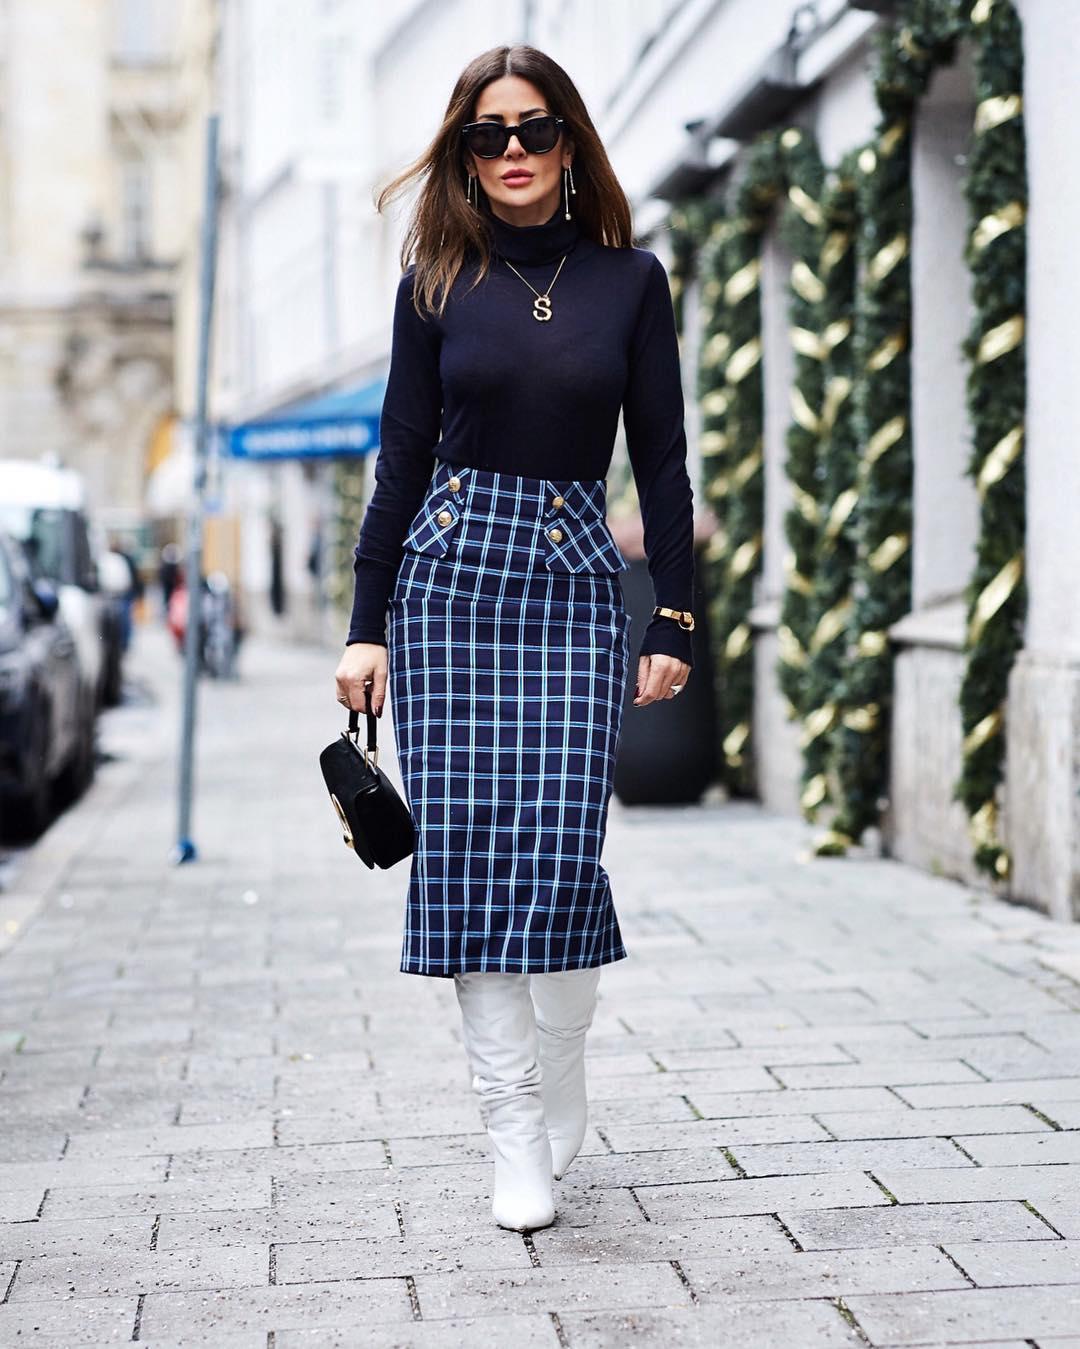 модные образы весна-лето 2019 для женщин после 40 фото_44